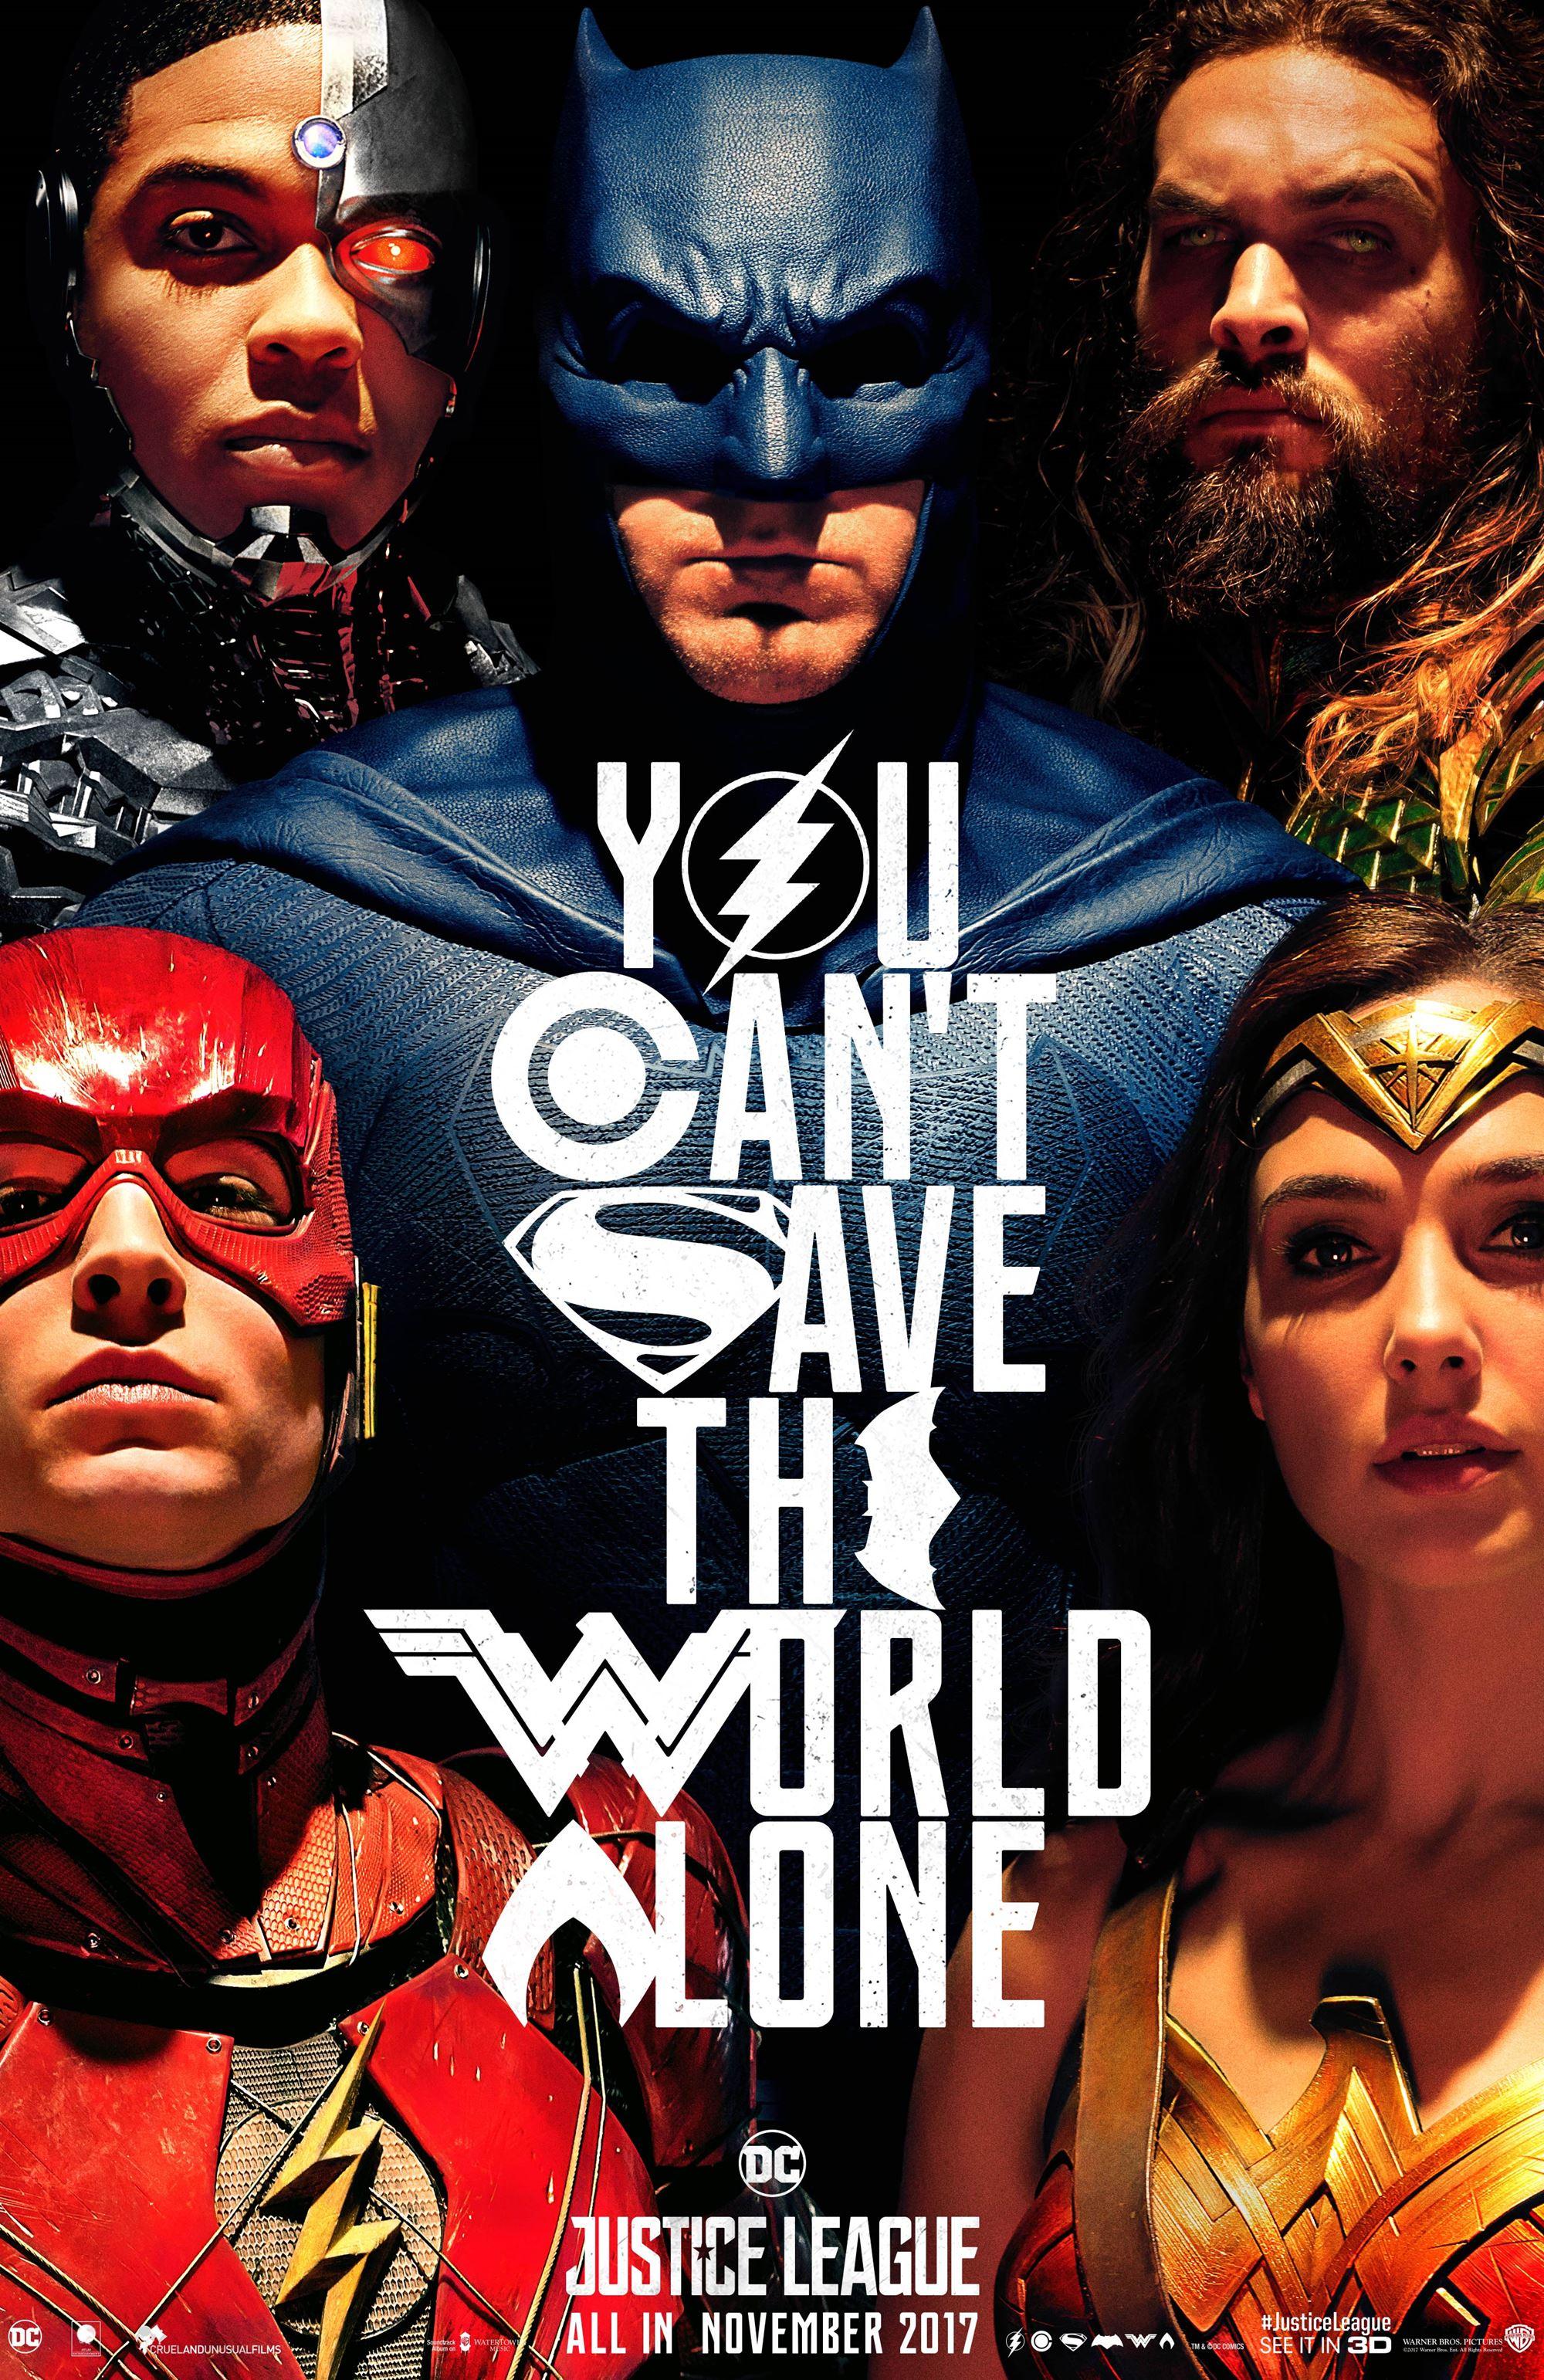 Justice League SDCC Poster